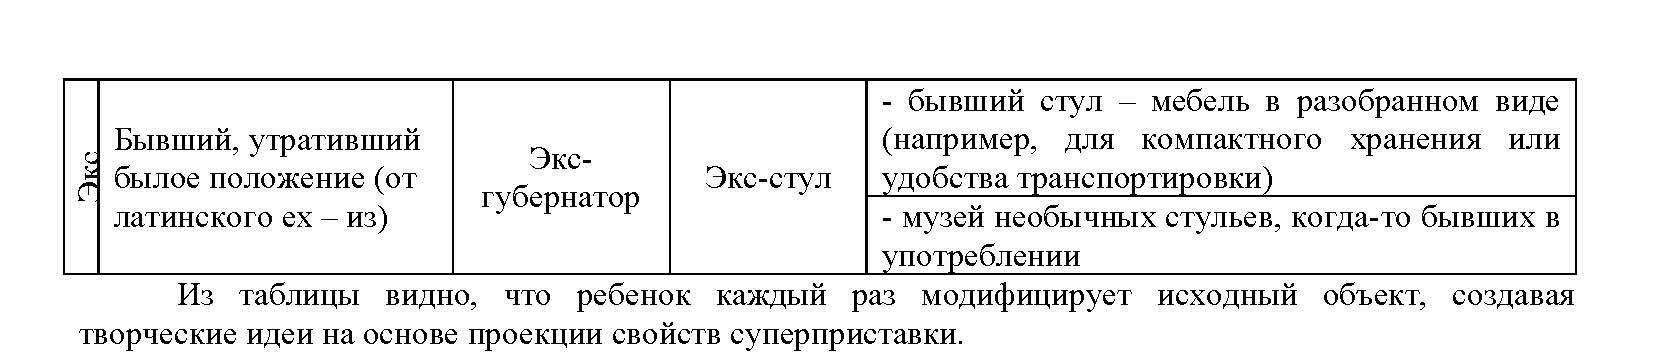 МФО и др._Страница_13